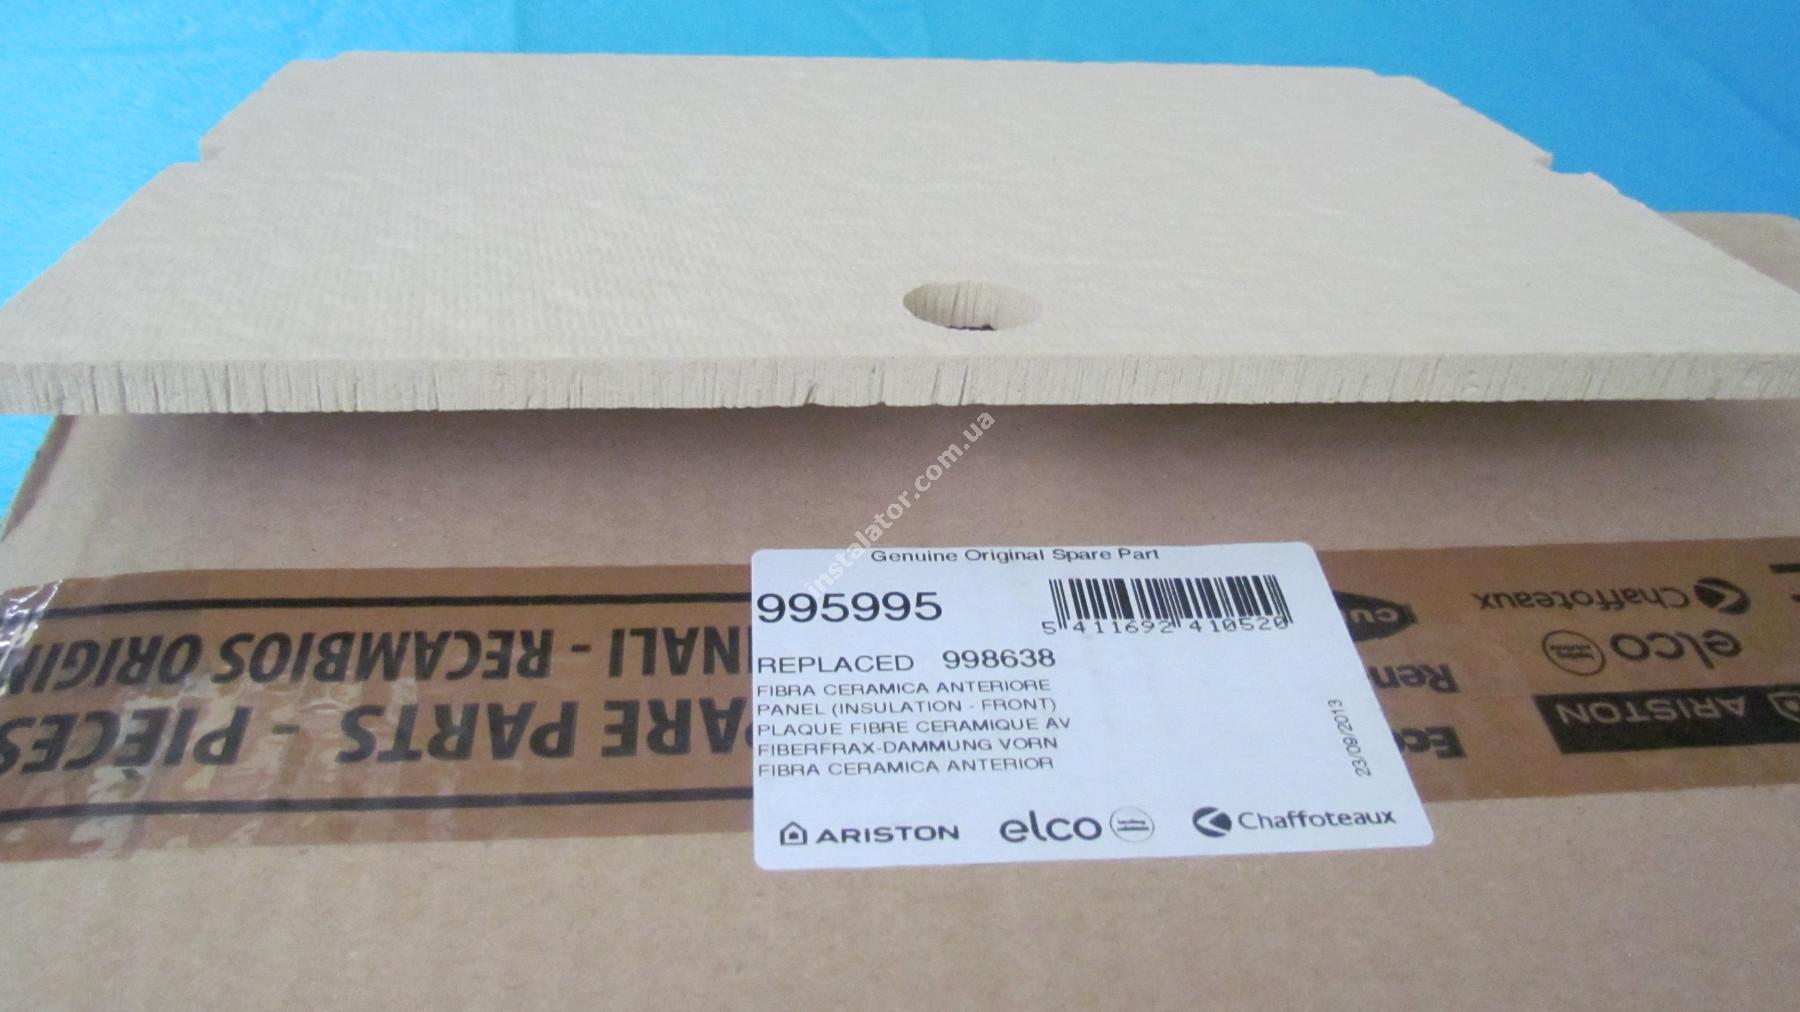 995995 Ізоляція камери згорання передня панель ARISTON  full-image-2